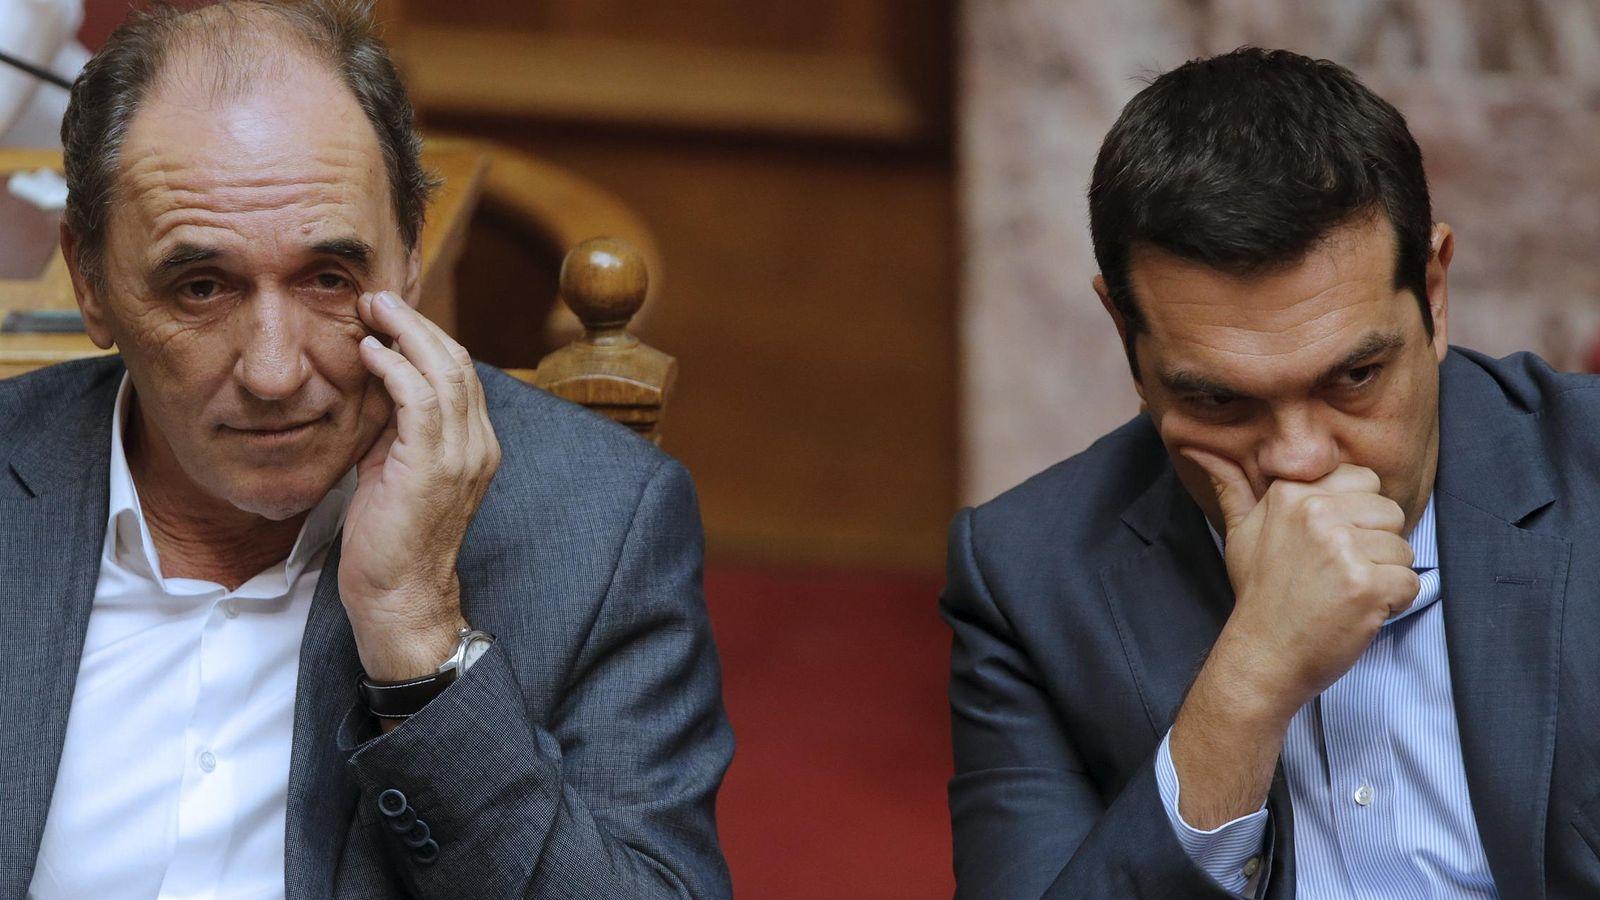 Foto: El ministro de Economía griego George Stathakis y el Primer Ministro Alexis Tsipras. (Reuters)